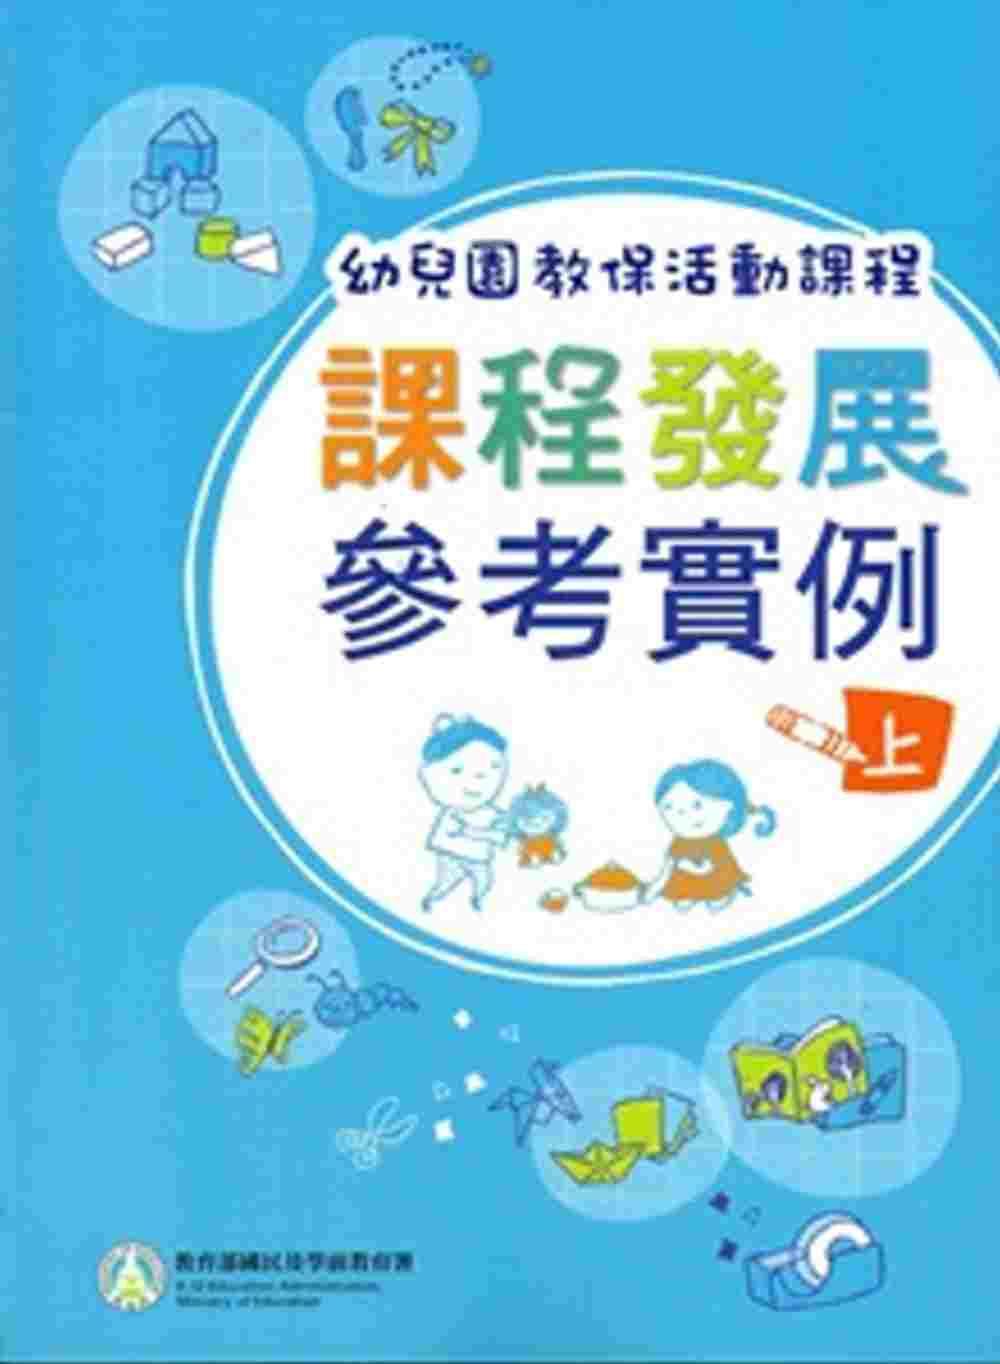 幼兒園教保活動課程:課程發展參考實例[上下合售]